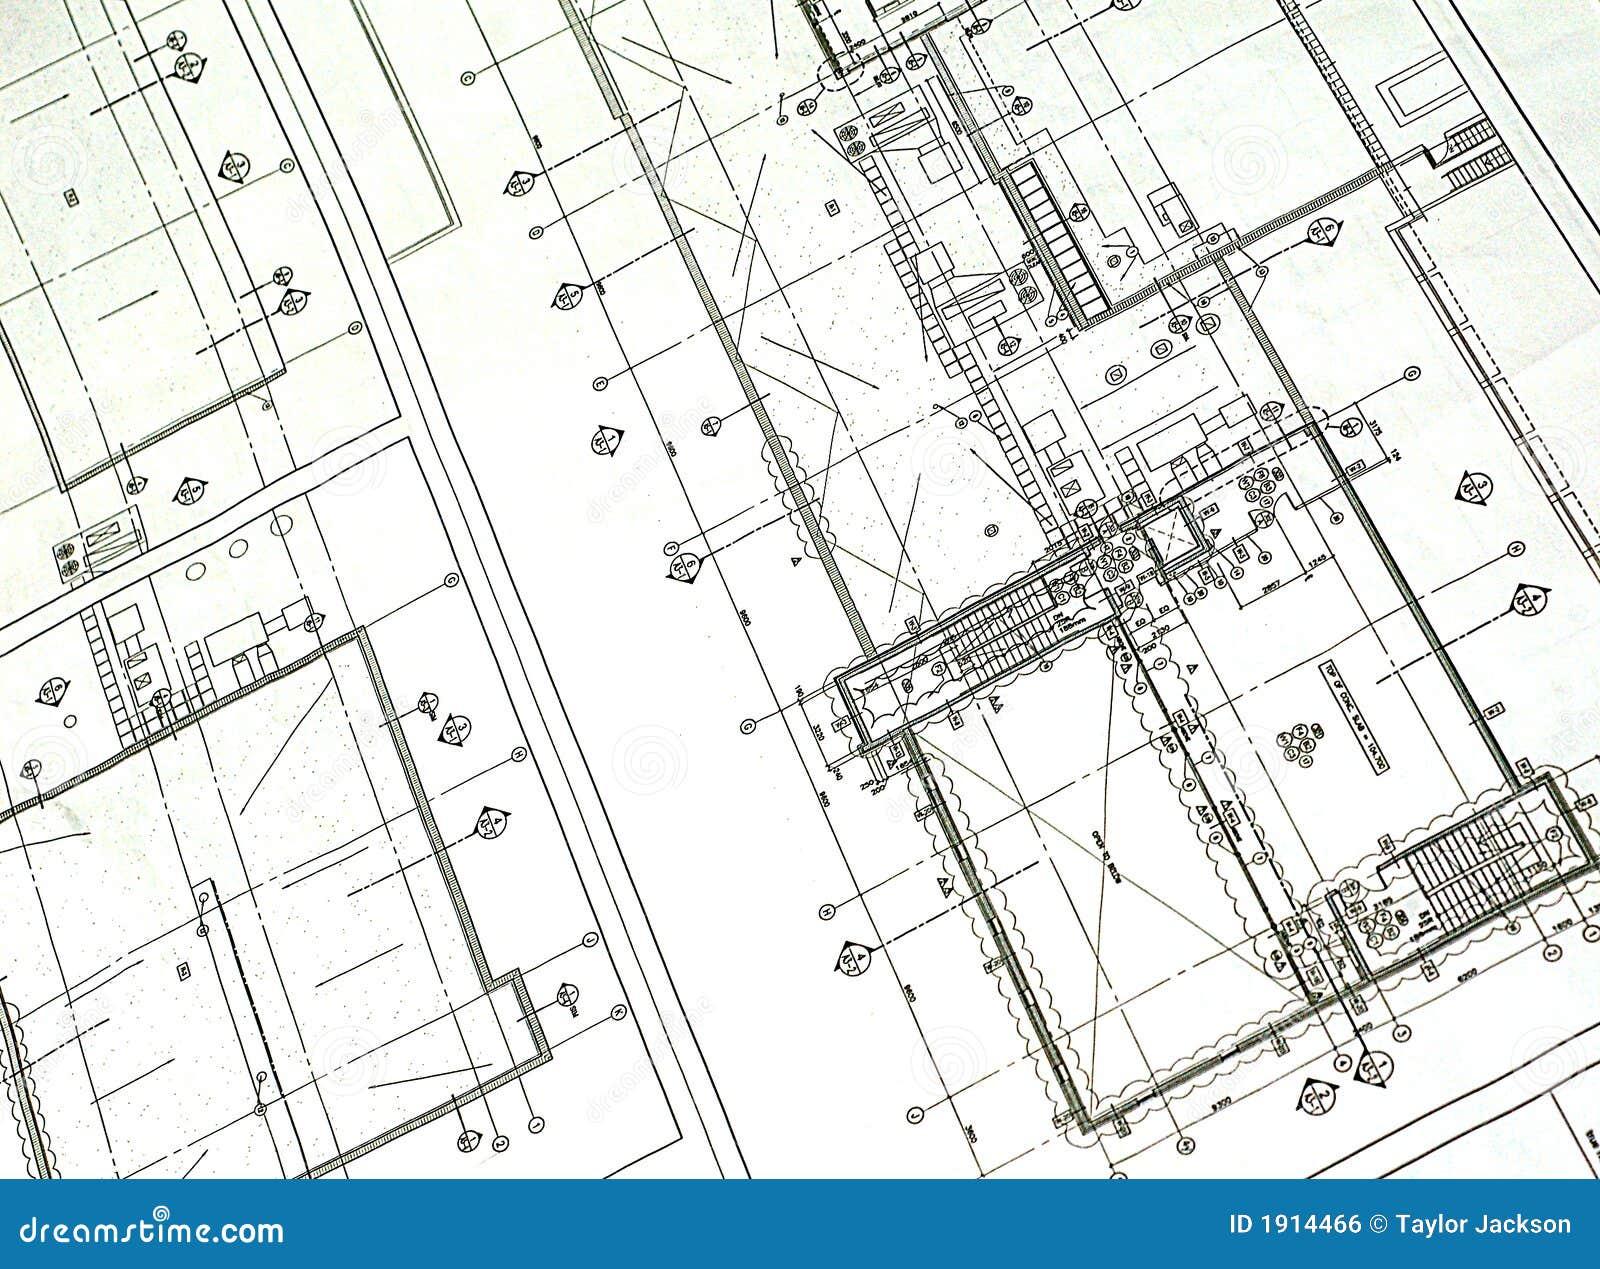 Plumbing blueprint pasoevolist plumbing blueprint malvernweather Images